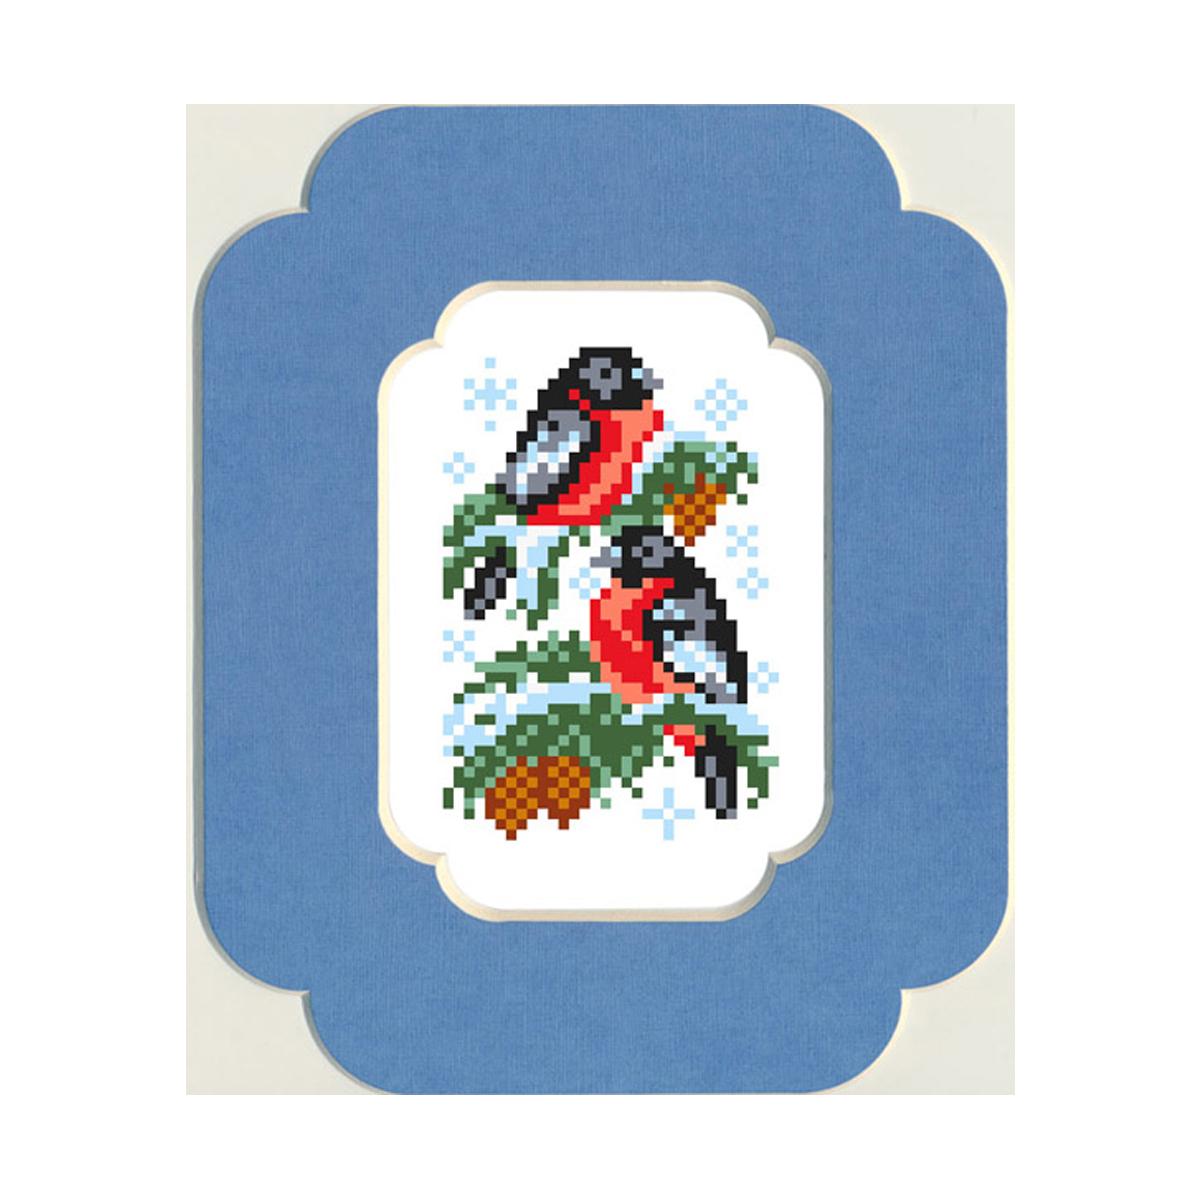 Набор для вышивания бисером и паспарту Матренин Посад Снегири, 13 см х 18 см. 52/БП693862Снегири Размер : 13 см х 18 см ткань с нанесенным рисунком, бисер, нить для пришива бисера, игла для бисера, инструкция, паспарту лицевая сторона с фигурным вырезом с внутренней и внешней стороны, паспарту заднее с внешним фигурным срезом, под